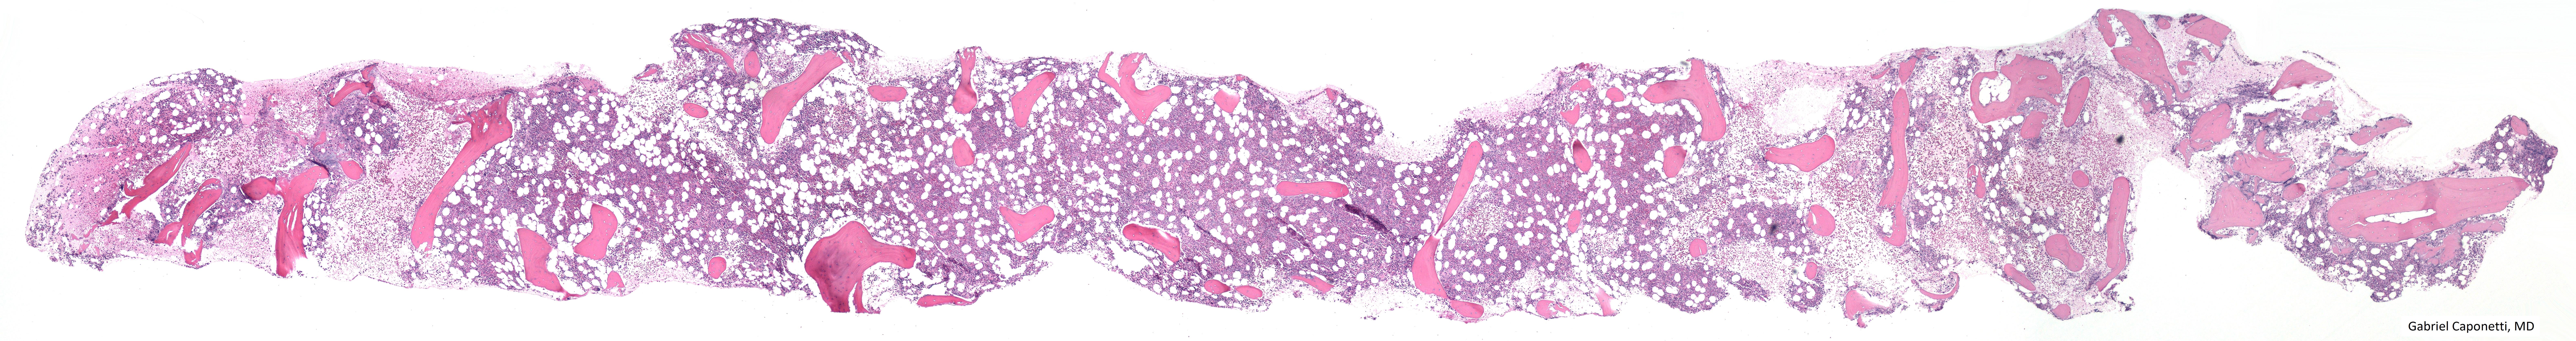 Archivo bone marrow core biopsy microscopy trephine e panorama gabriel  caponetti jpg 12657x1674 Bone core 7574ae9aa31